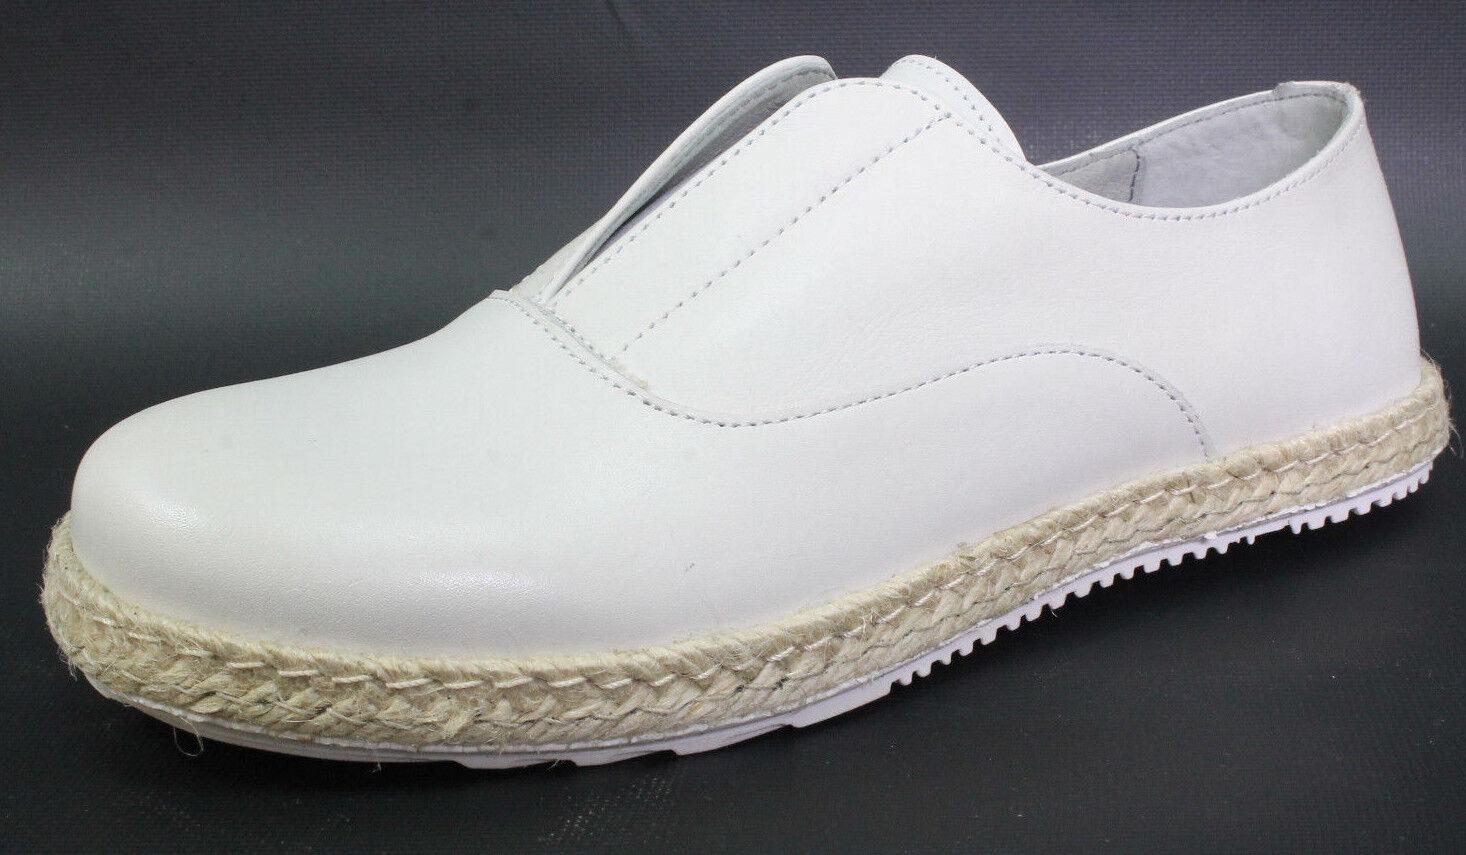 Shoot Damen Slipper Schuhe Sh-150080ff Leder Halbschuhe Schlupfschuhe Gr.38 Weiß